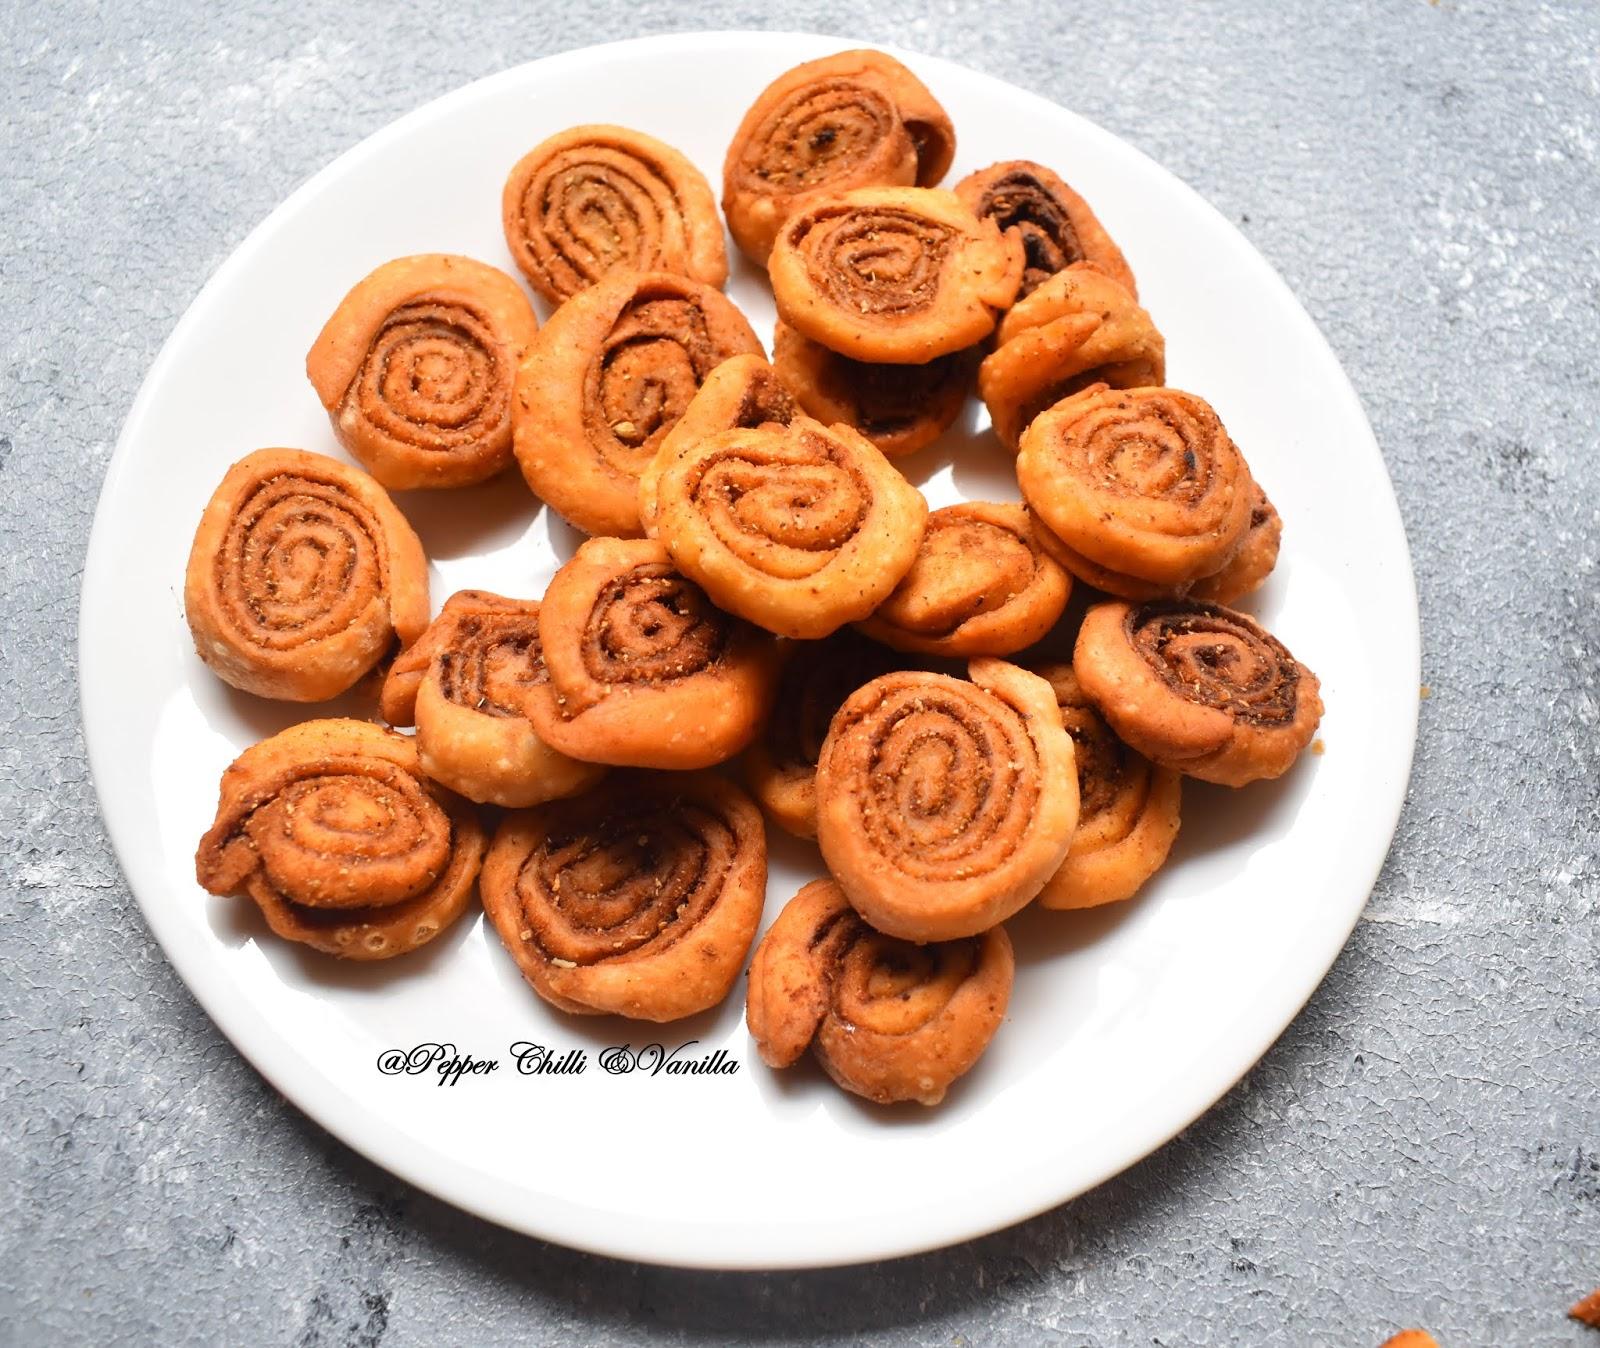 crispy  bhakarwadi recipe,crispy bhakarvadi recipe